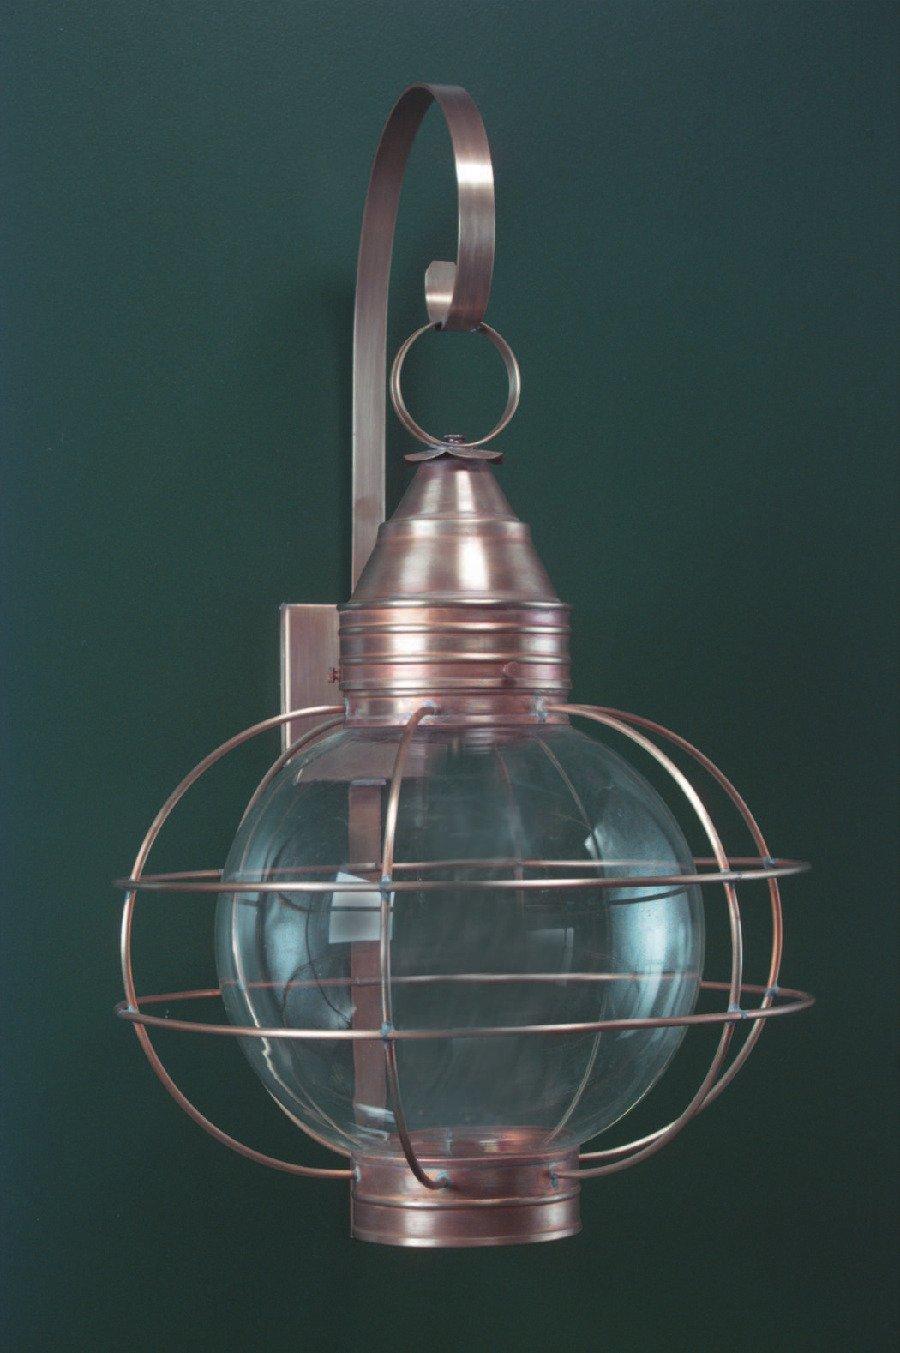 Onion Copper Wall Lanterns RG12